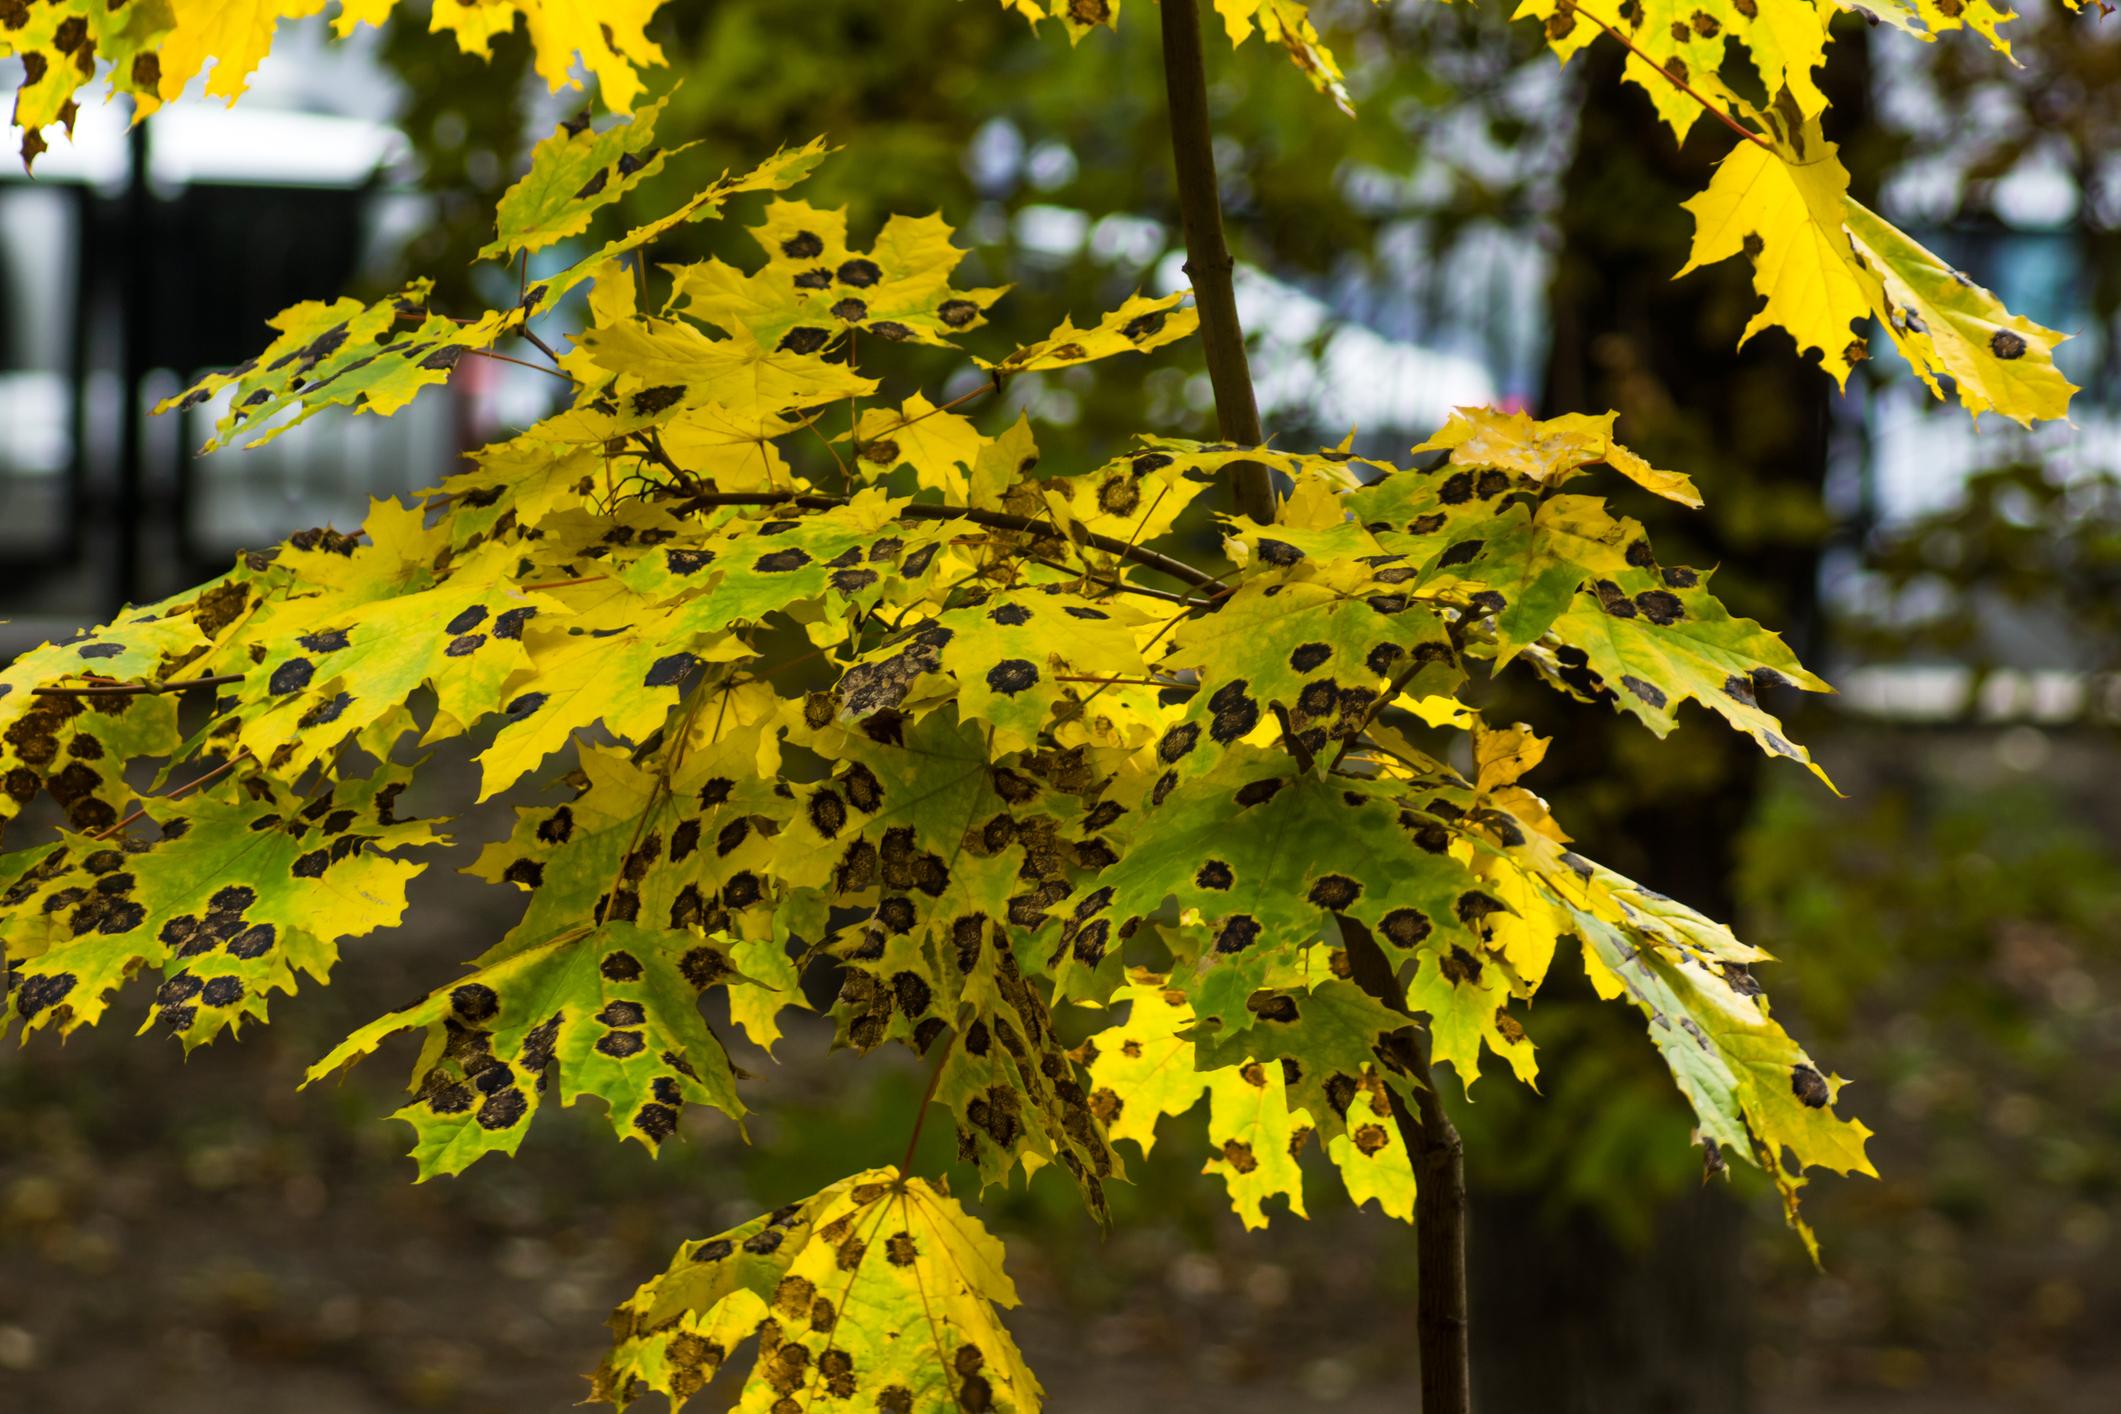 maladie des arbres - Émondage SBP